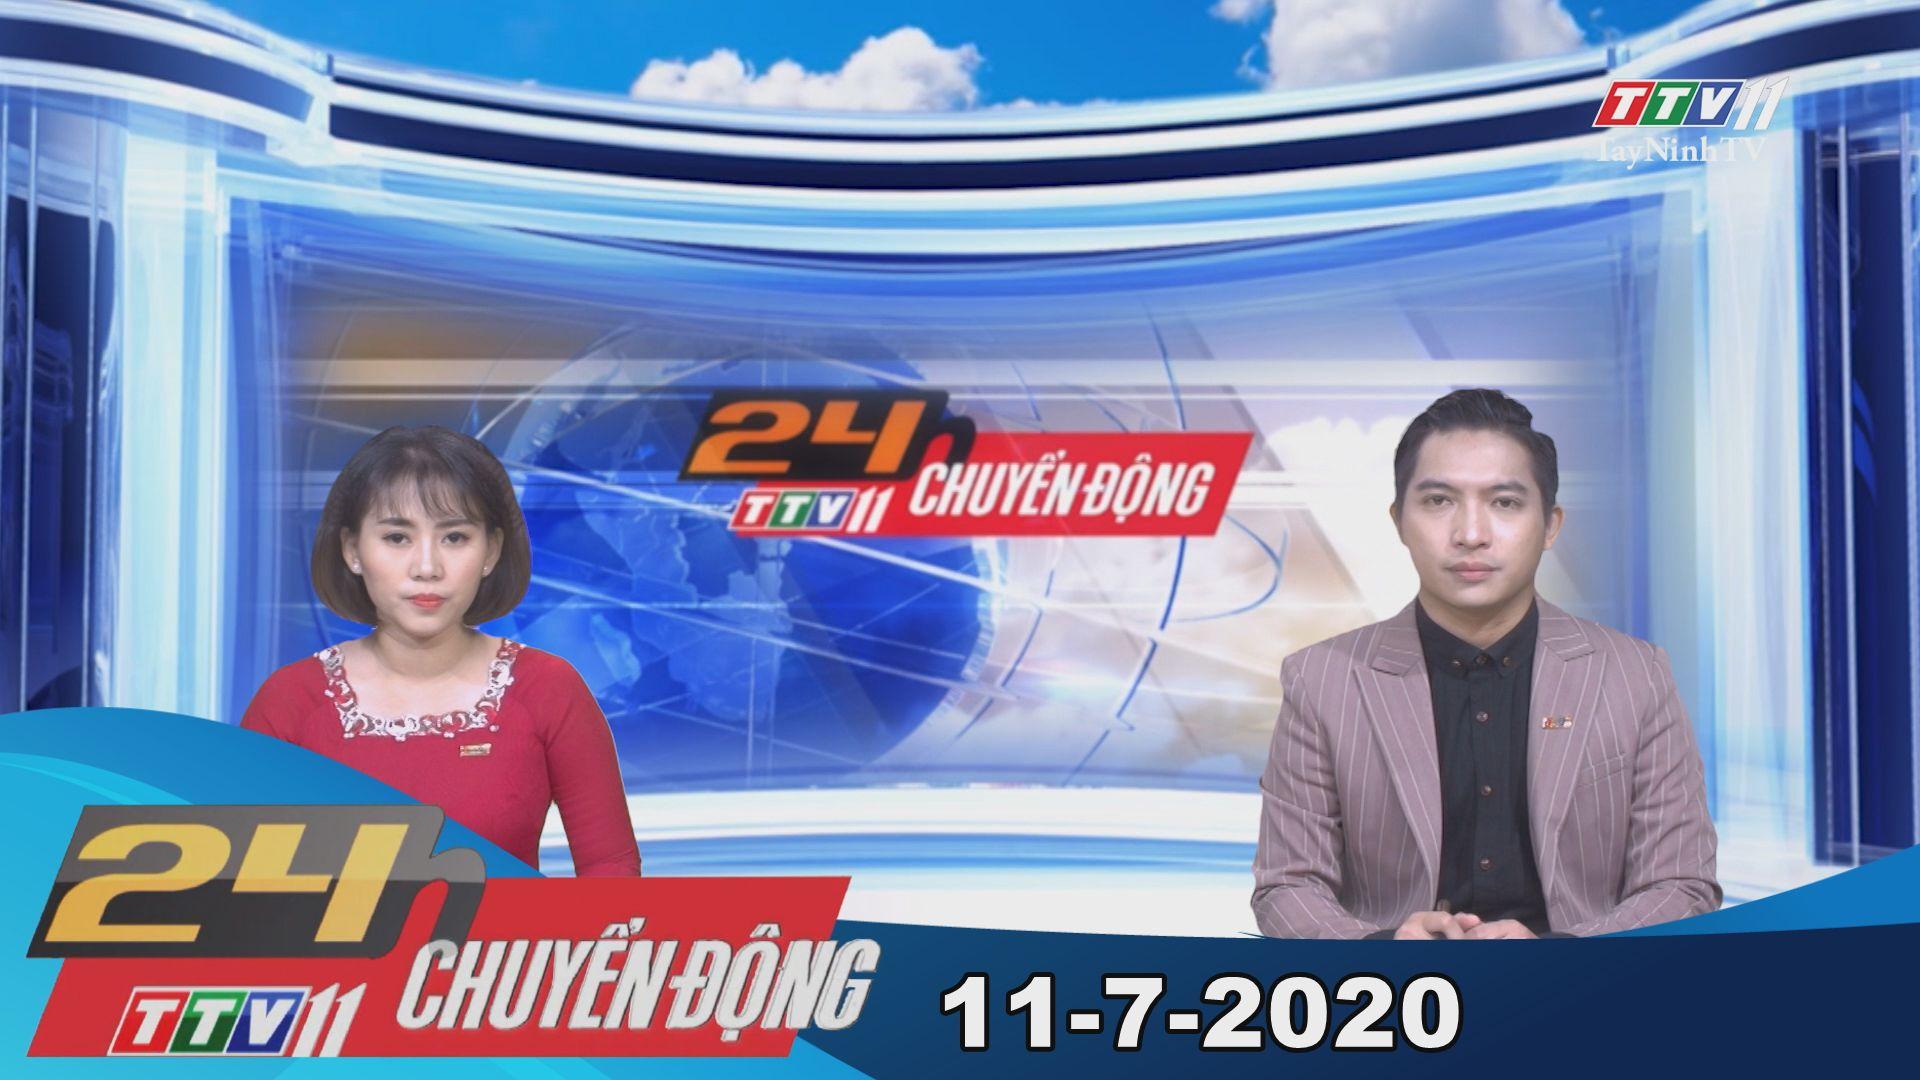 24h Chuyển động 11-7-2020 | Tin tức hôm nay | TayNinhTV